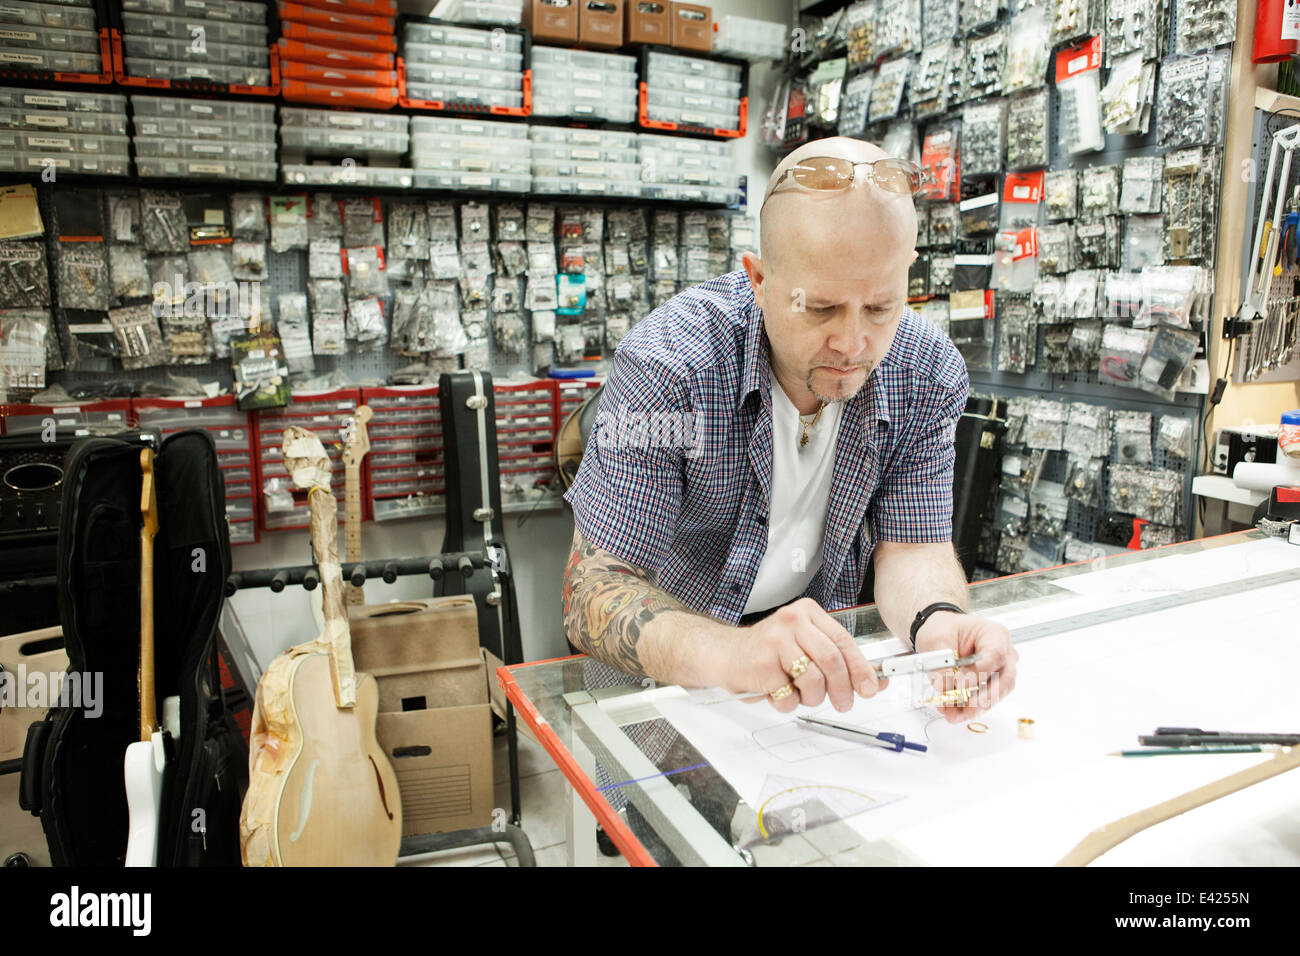 Custom Design Stockfotos & Custom Design Bilder - Alamy